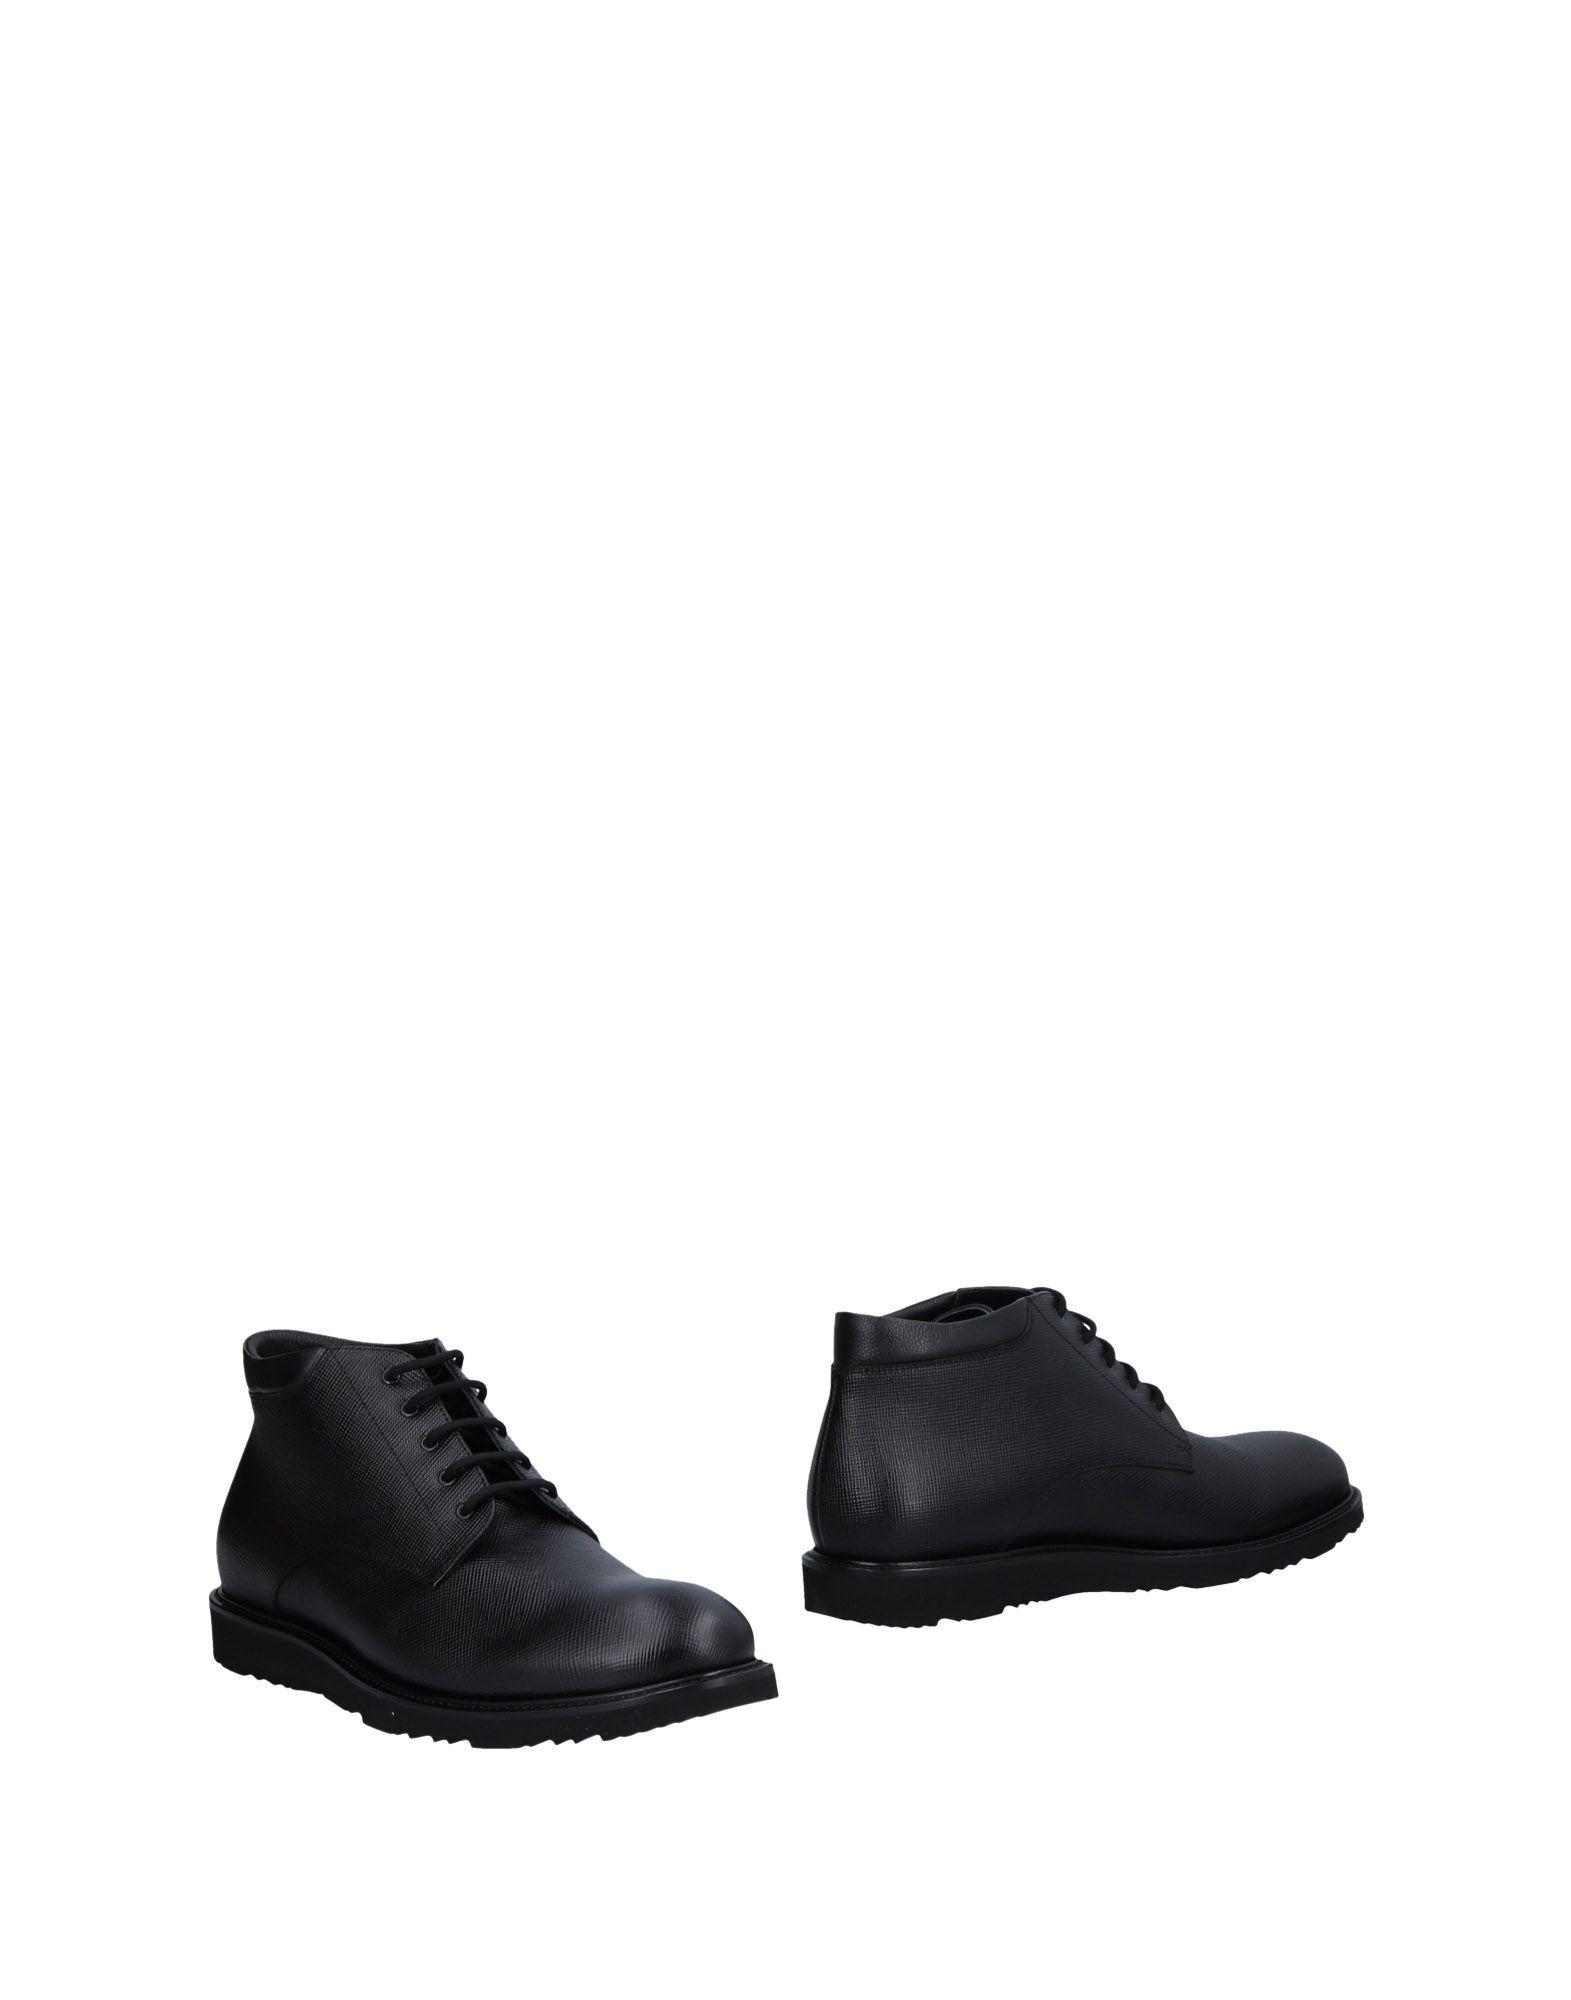 Giovanni Conti Stiefelette Herren  11471610RM Gute Qualität beliebte Schuhe